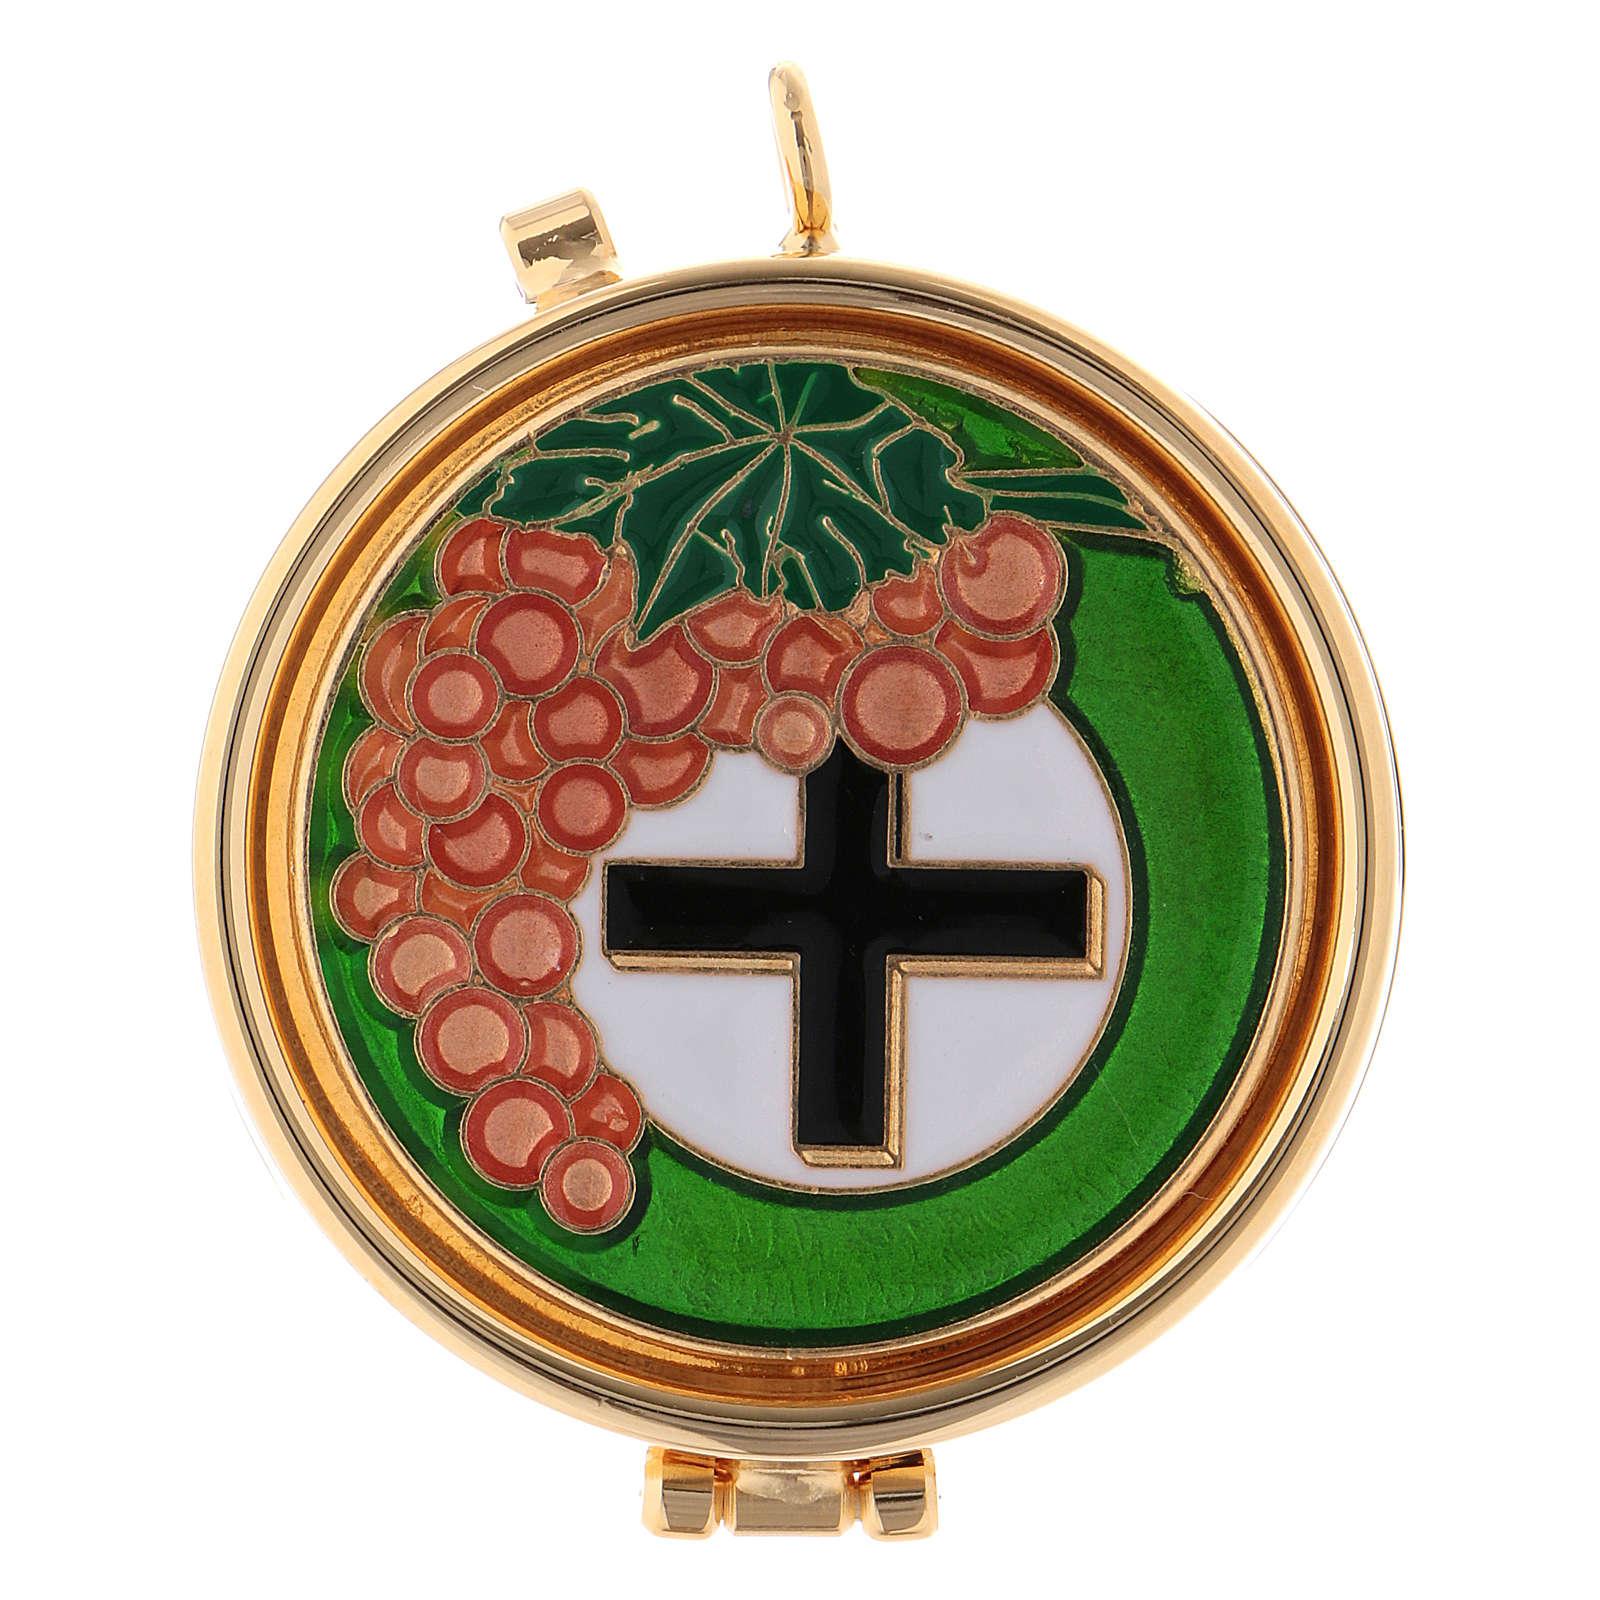 Cyborium naczynie liturgiczne winogron i krzyż 3